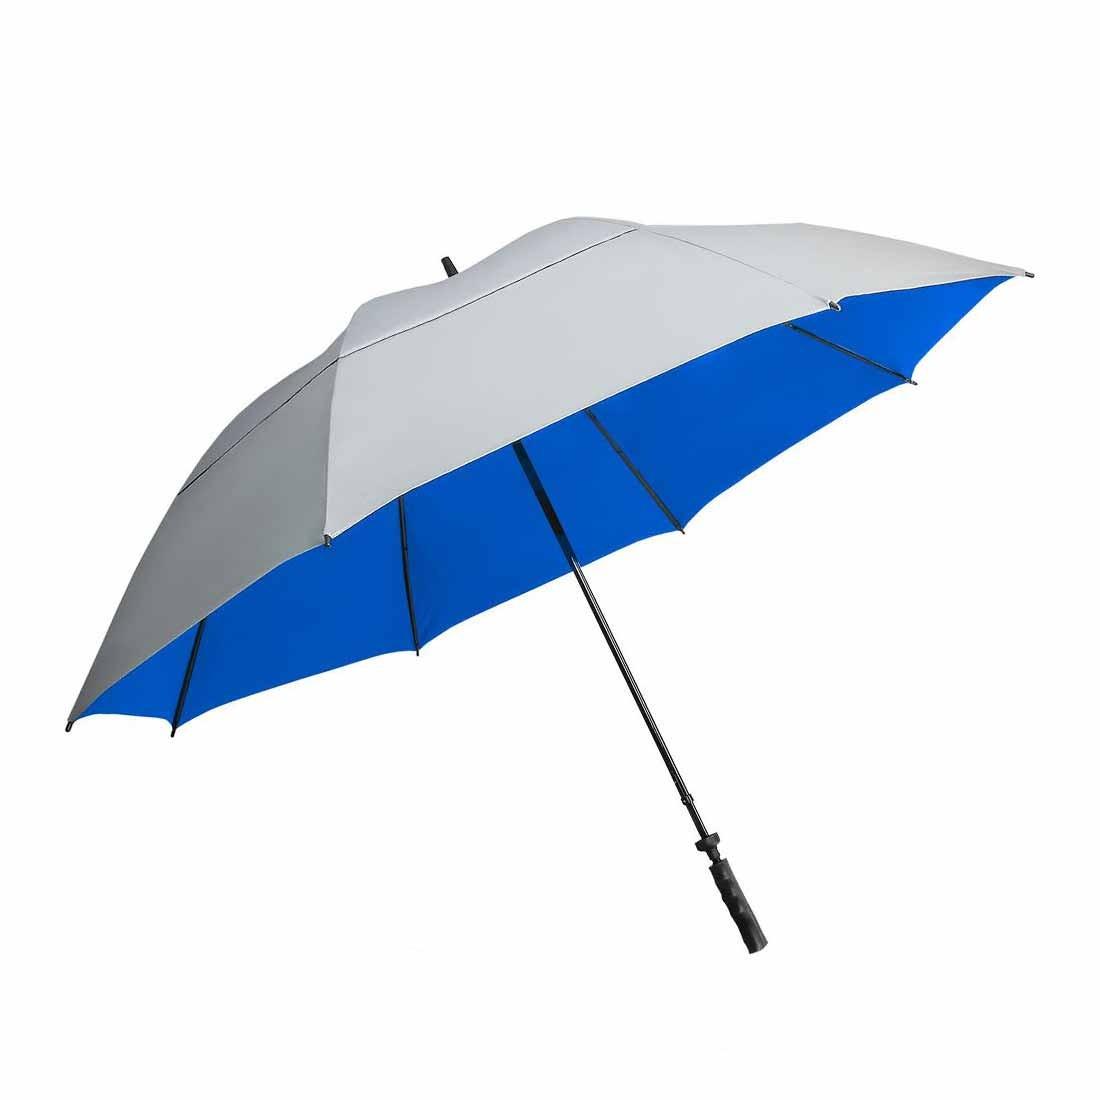 Pro Active Sports SunTek Umbrella